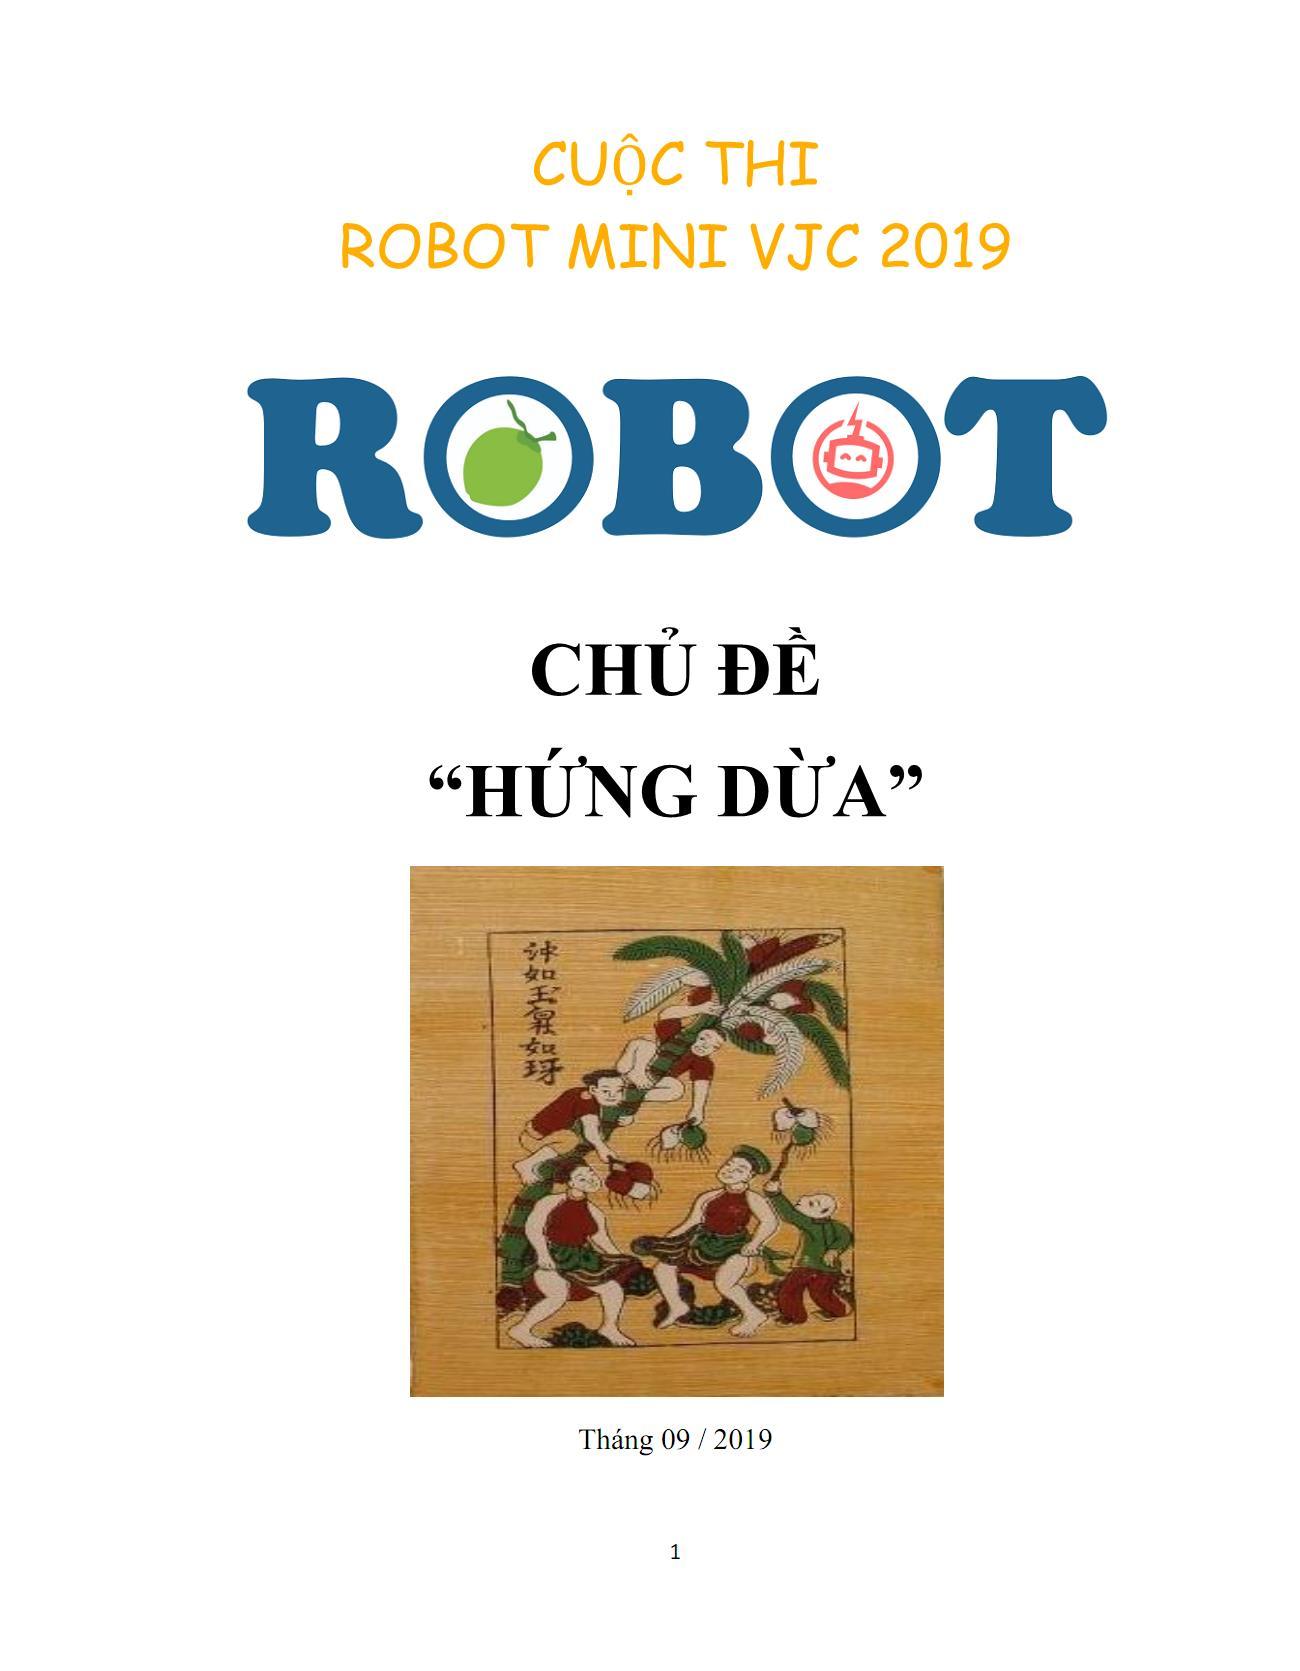 Liên chi đoàn TT Việt Nhật phát động sinh viên tham gia cuộc thi `Robot mini VJC 2019`